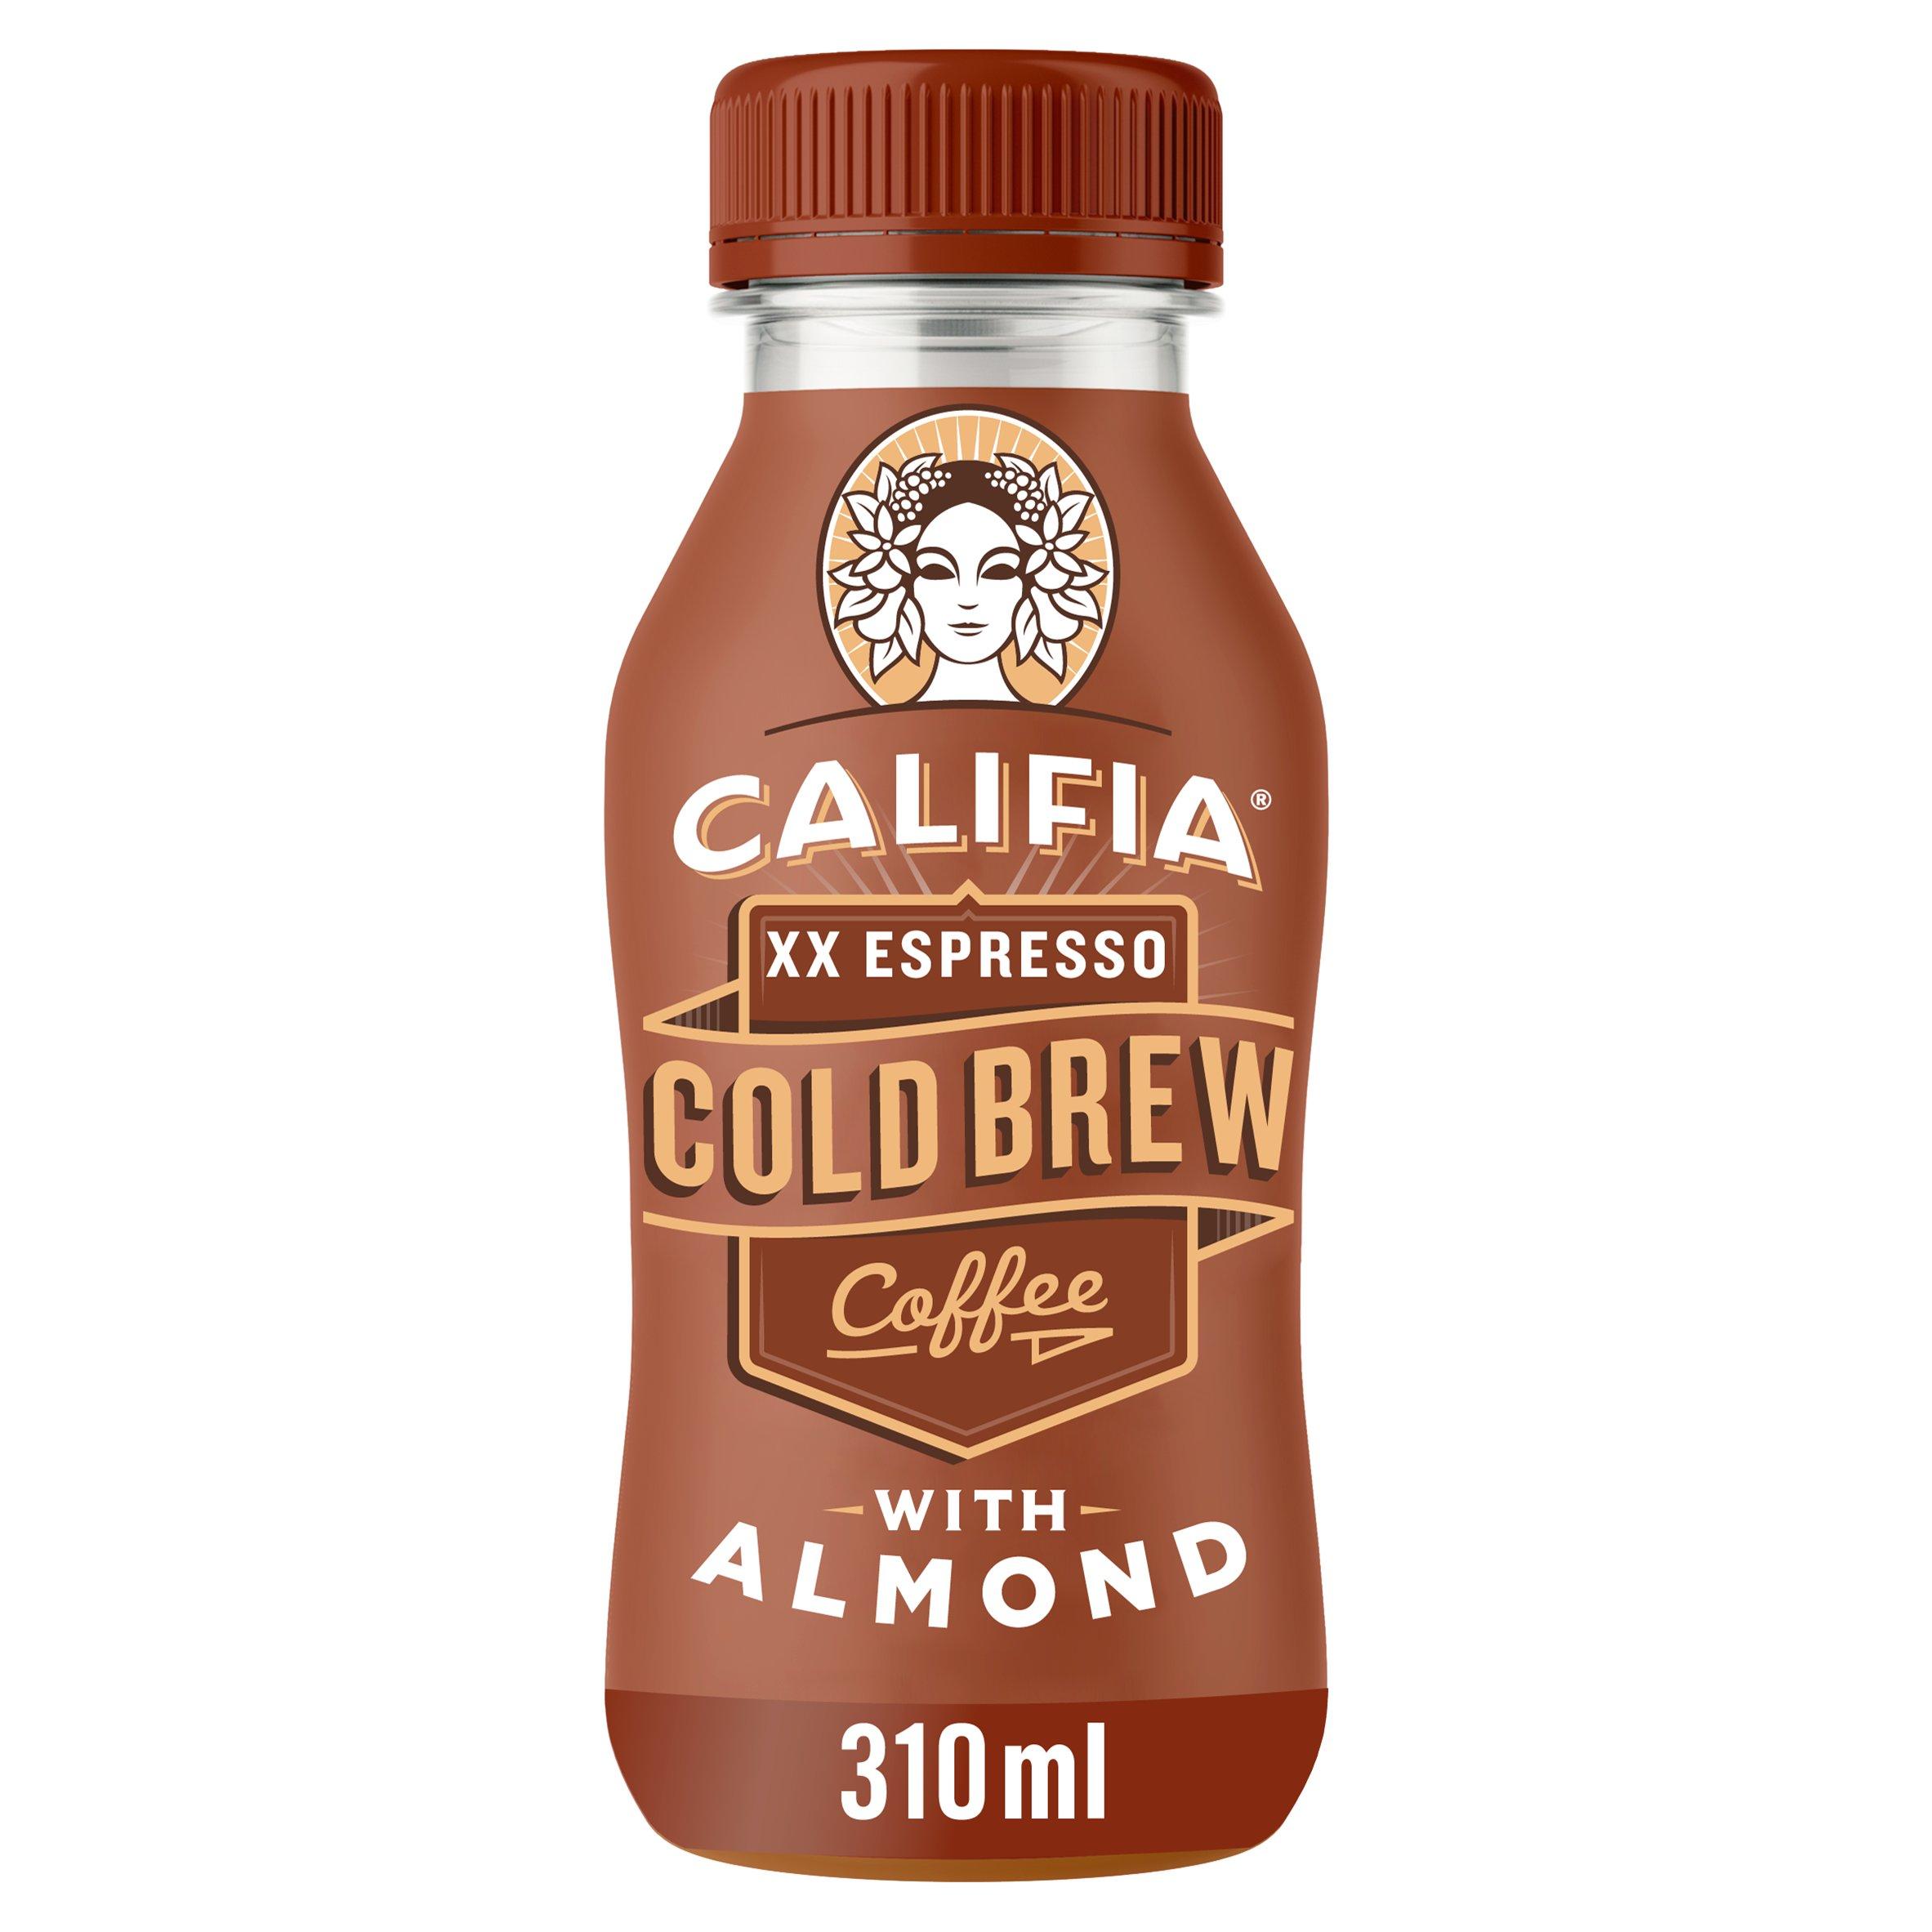 Califia Xx Espresso Cold Brew Coffee 310Ml